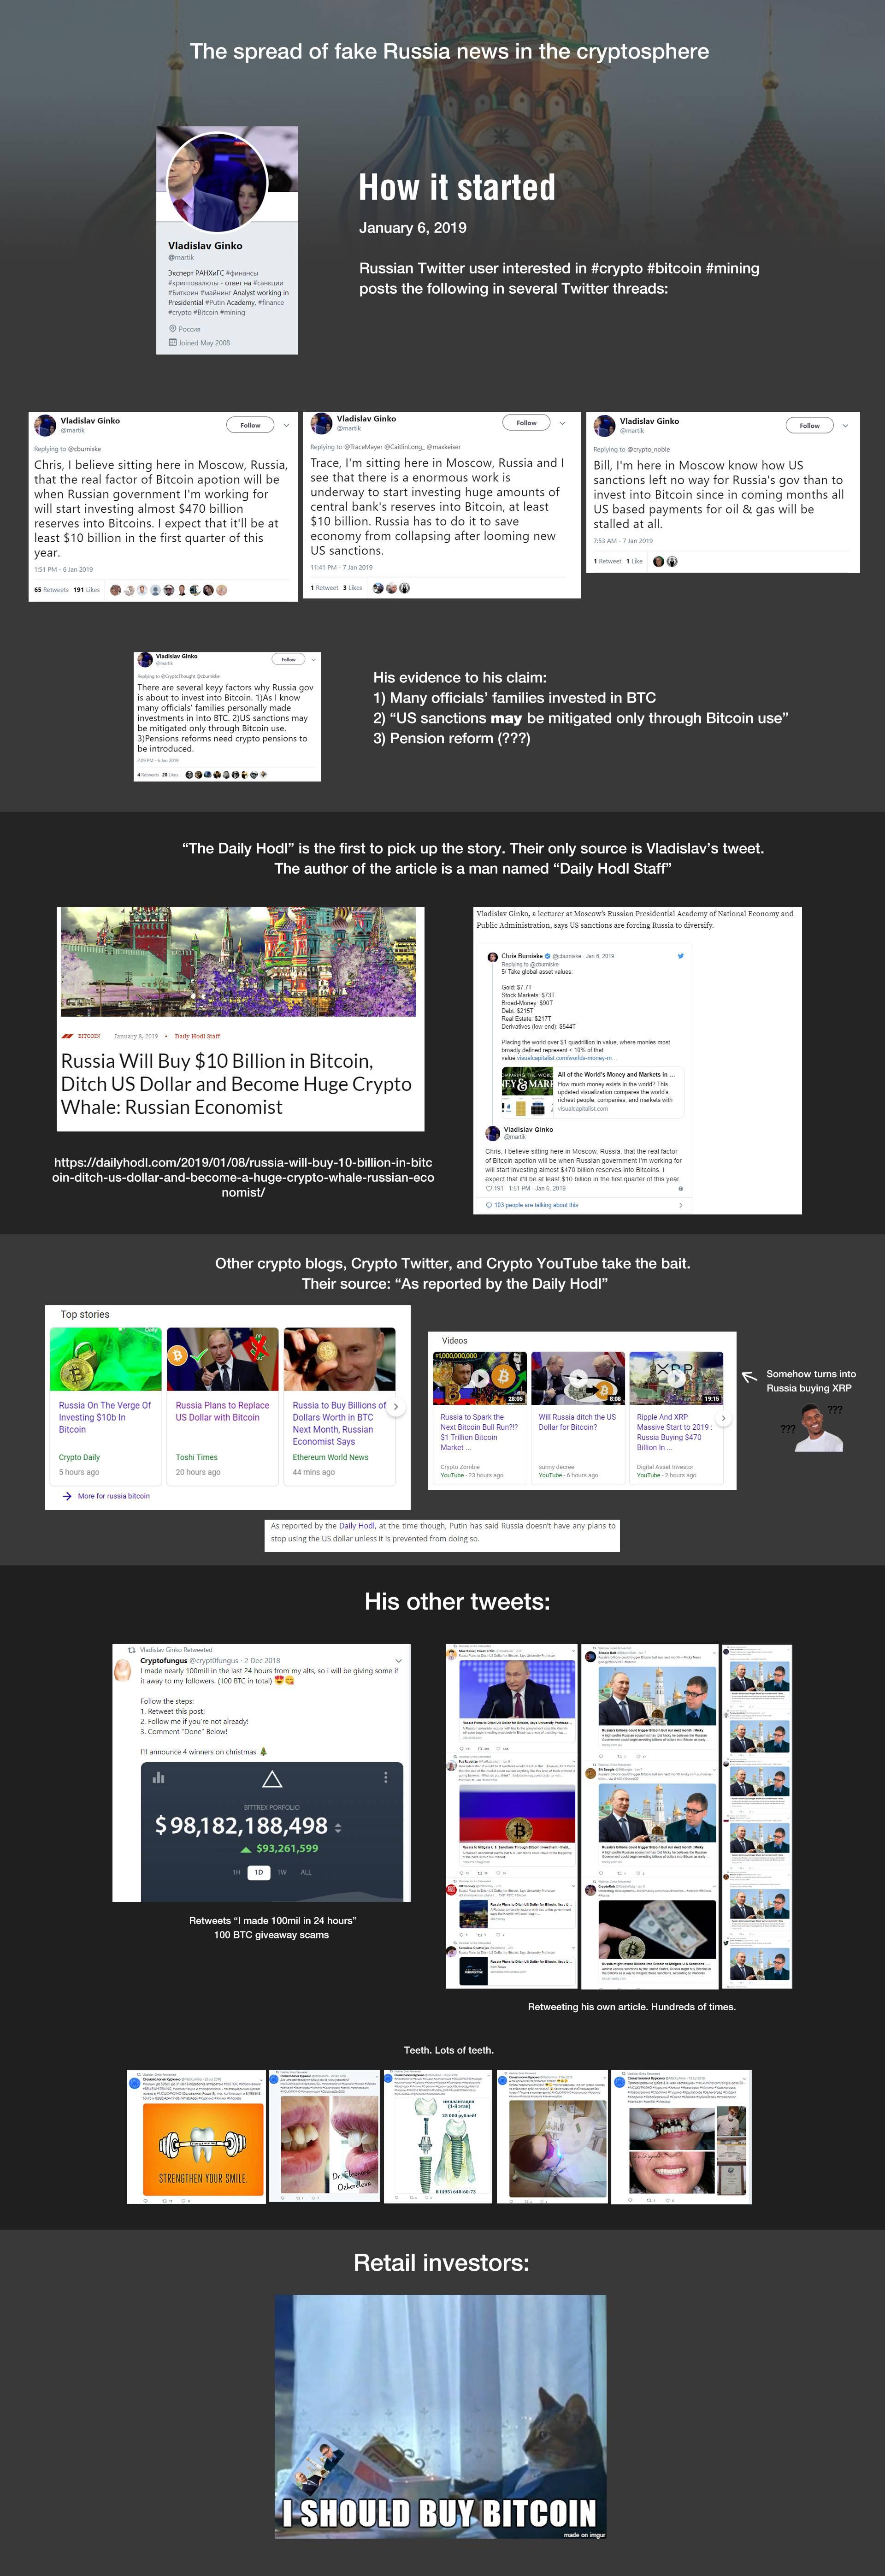 tiendientu.org-fake-news-fomo-nga-mua-bitcoin-1